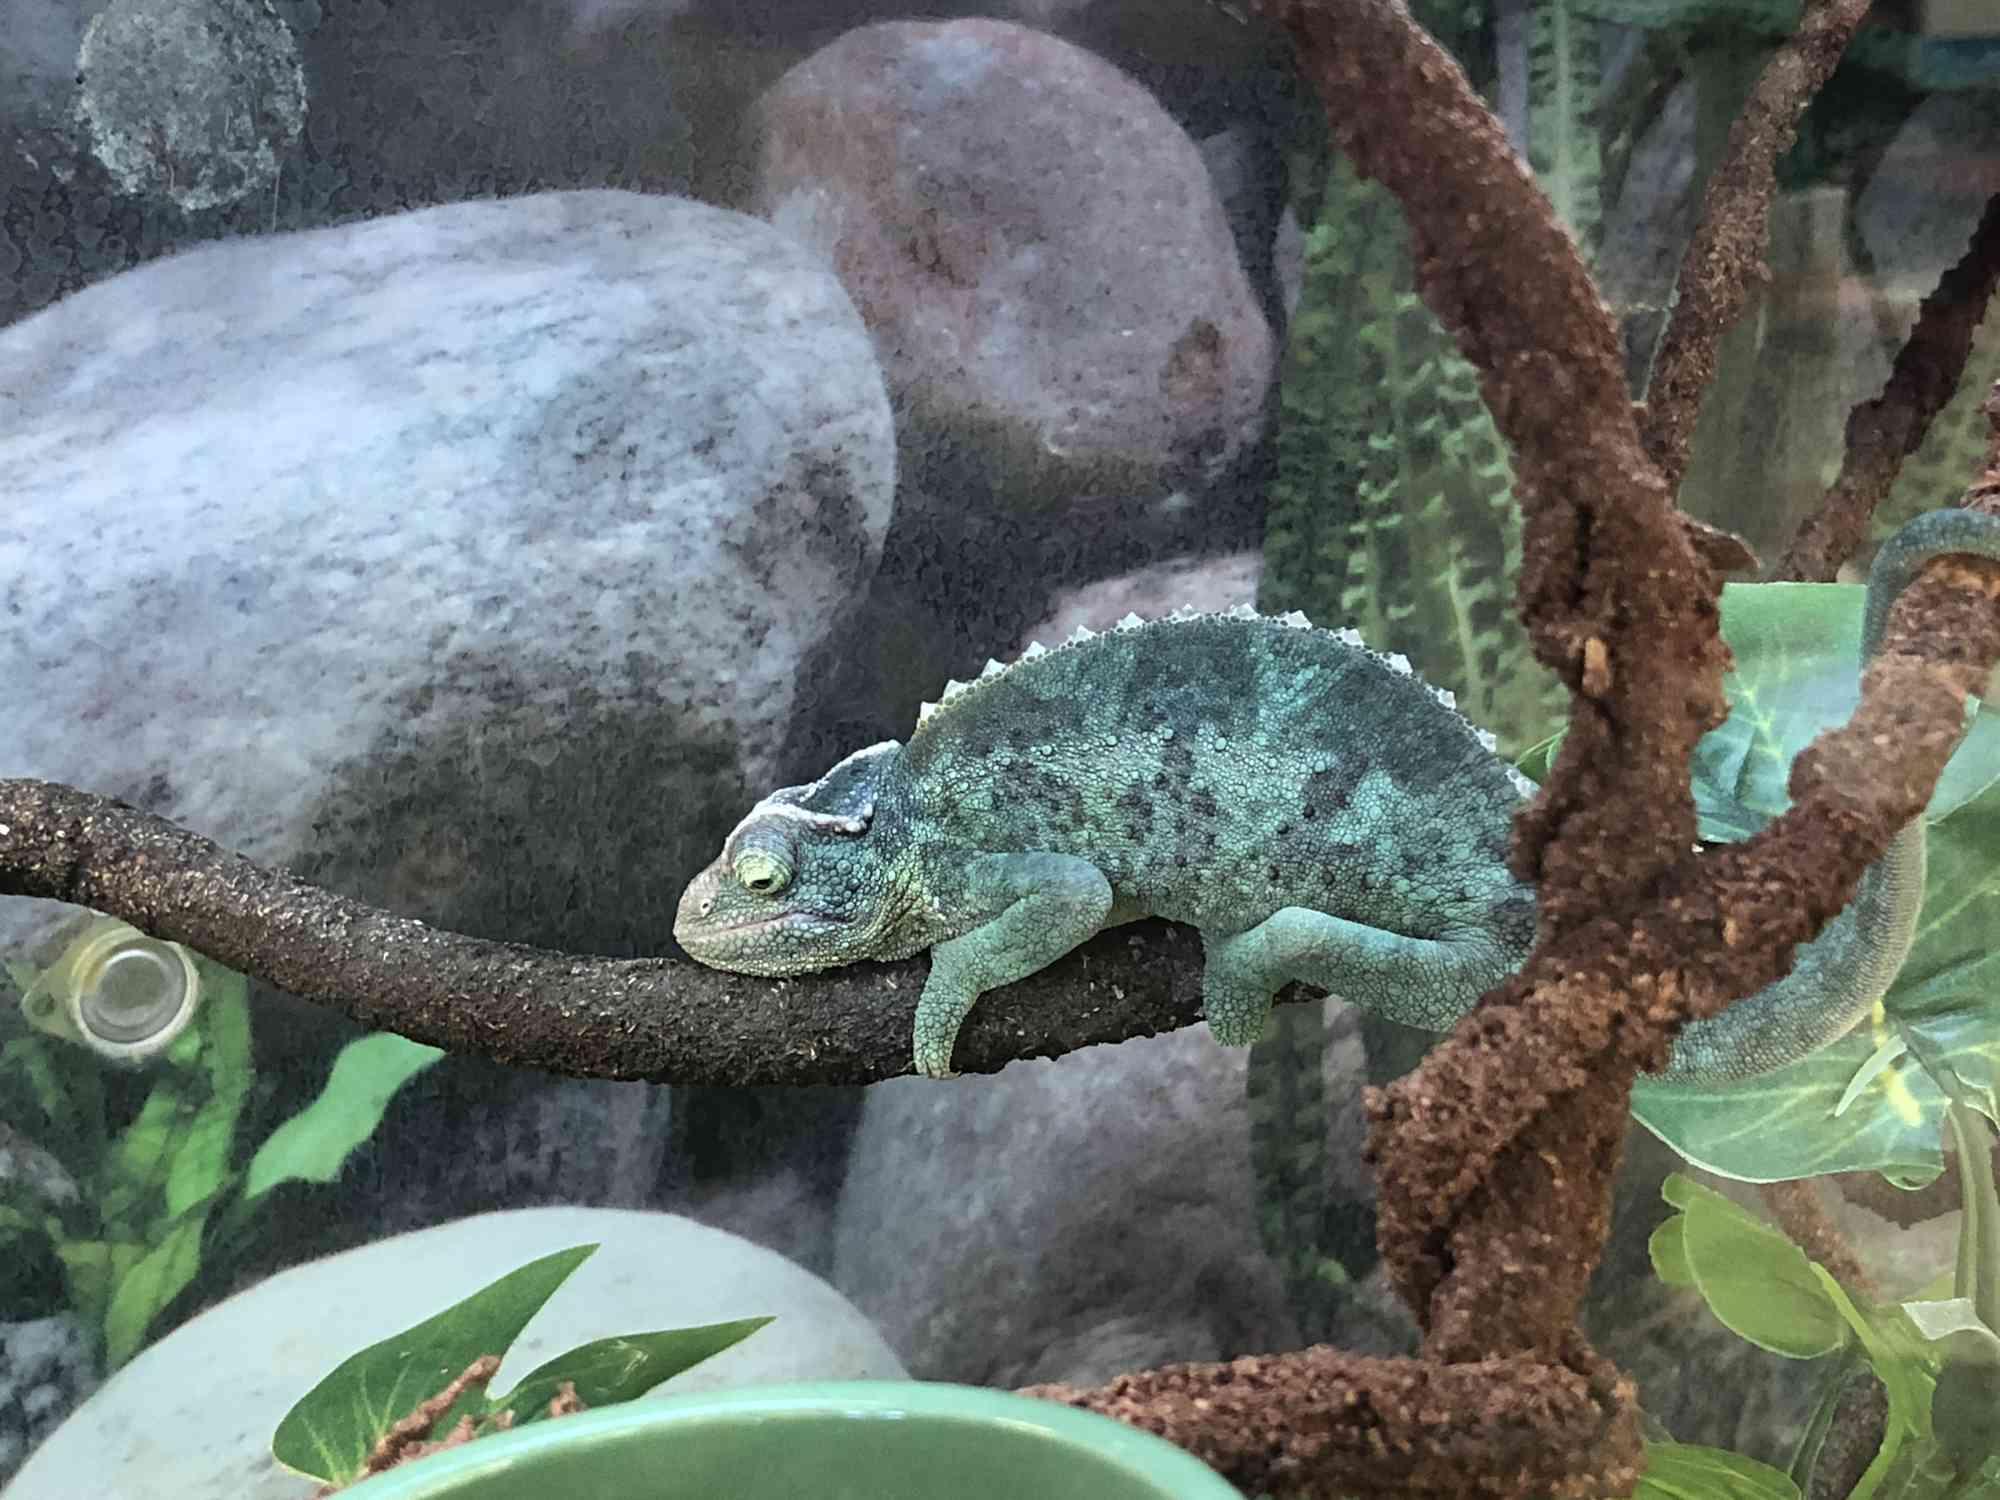 Chameleon in cage